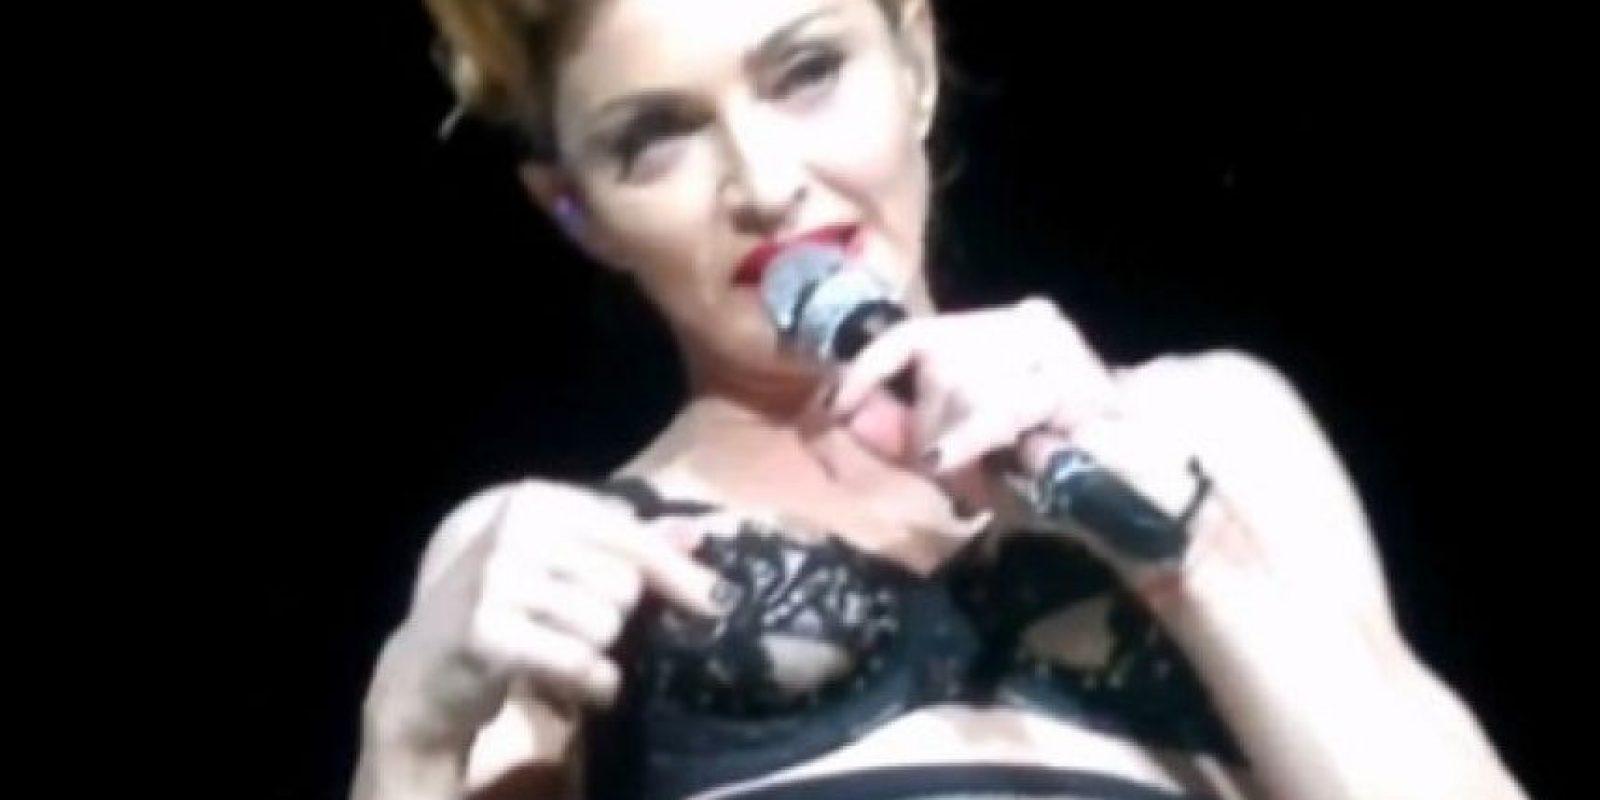 2. Madonna mostró su pezón durante un concierto en Estambul, Turquía en 2014 Foto:Pinterest